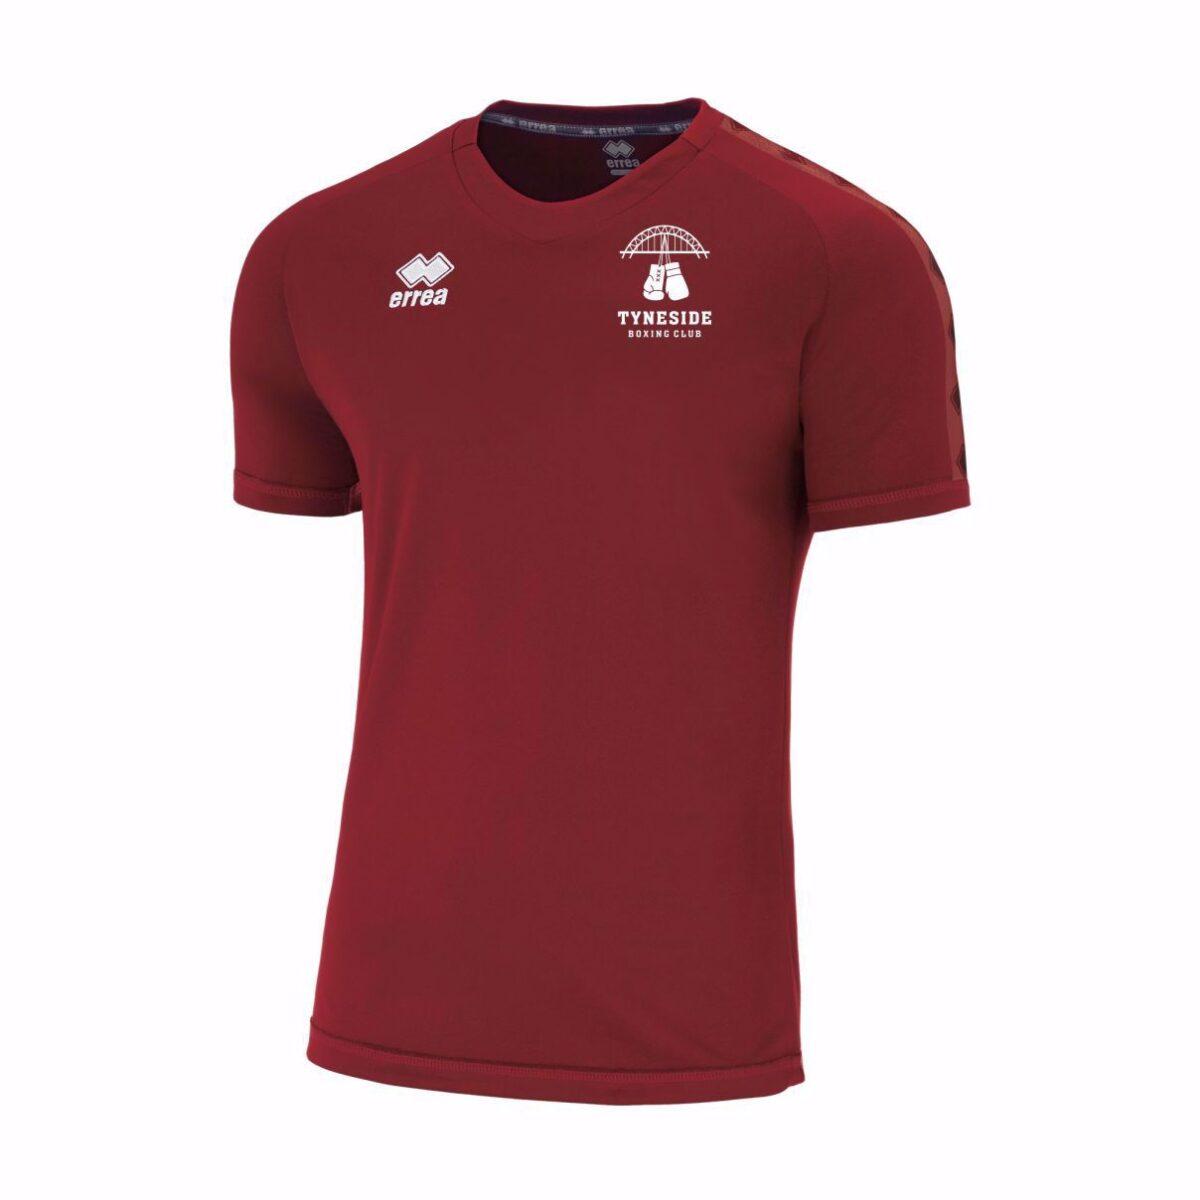 Tyneside Boxing Club Side T Shirt FM440C - Maroon